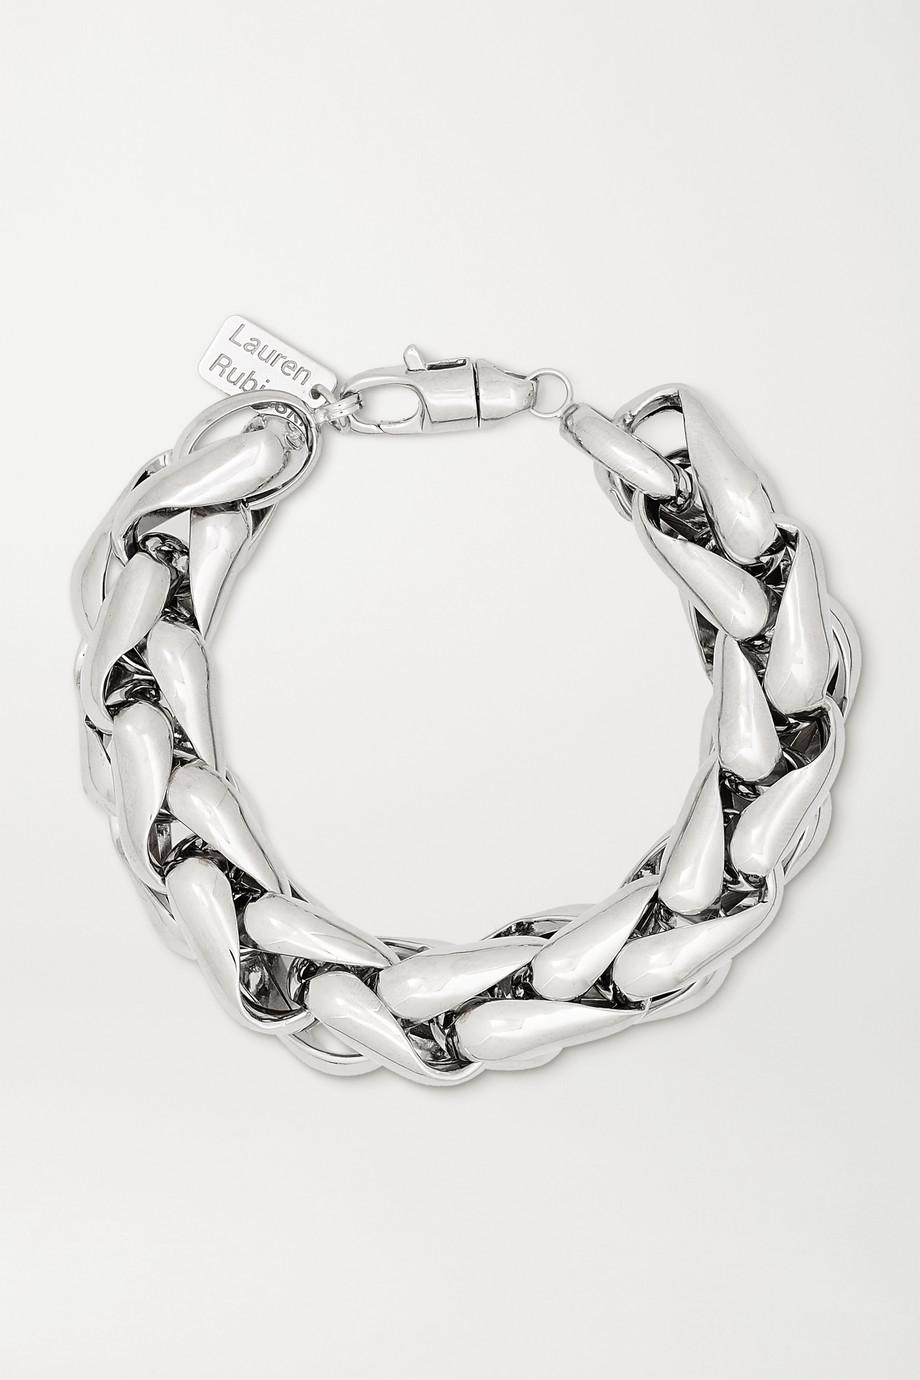 Lauren Rubinski Large 14-karat white gold bracelet